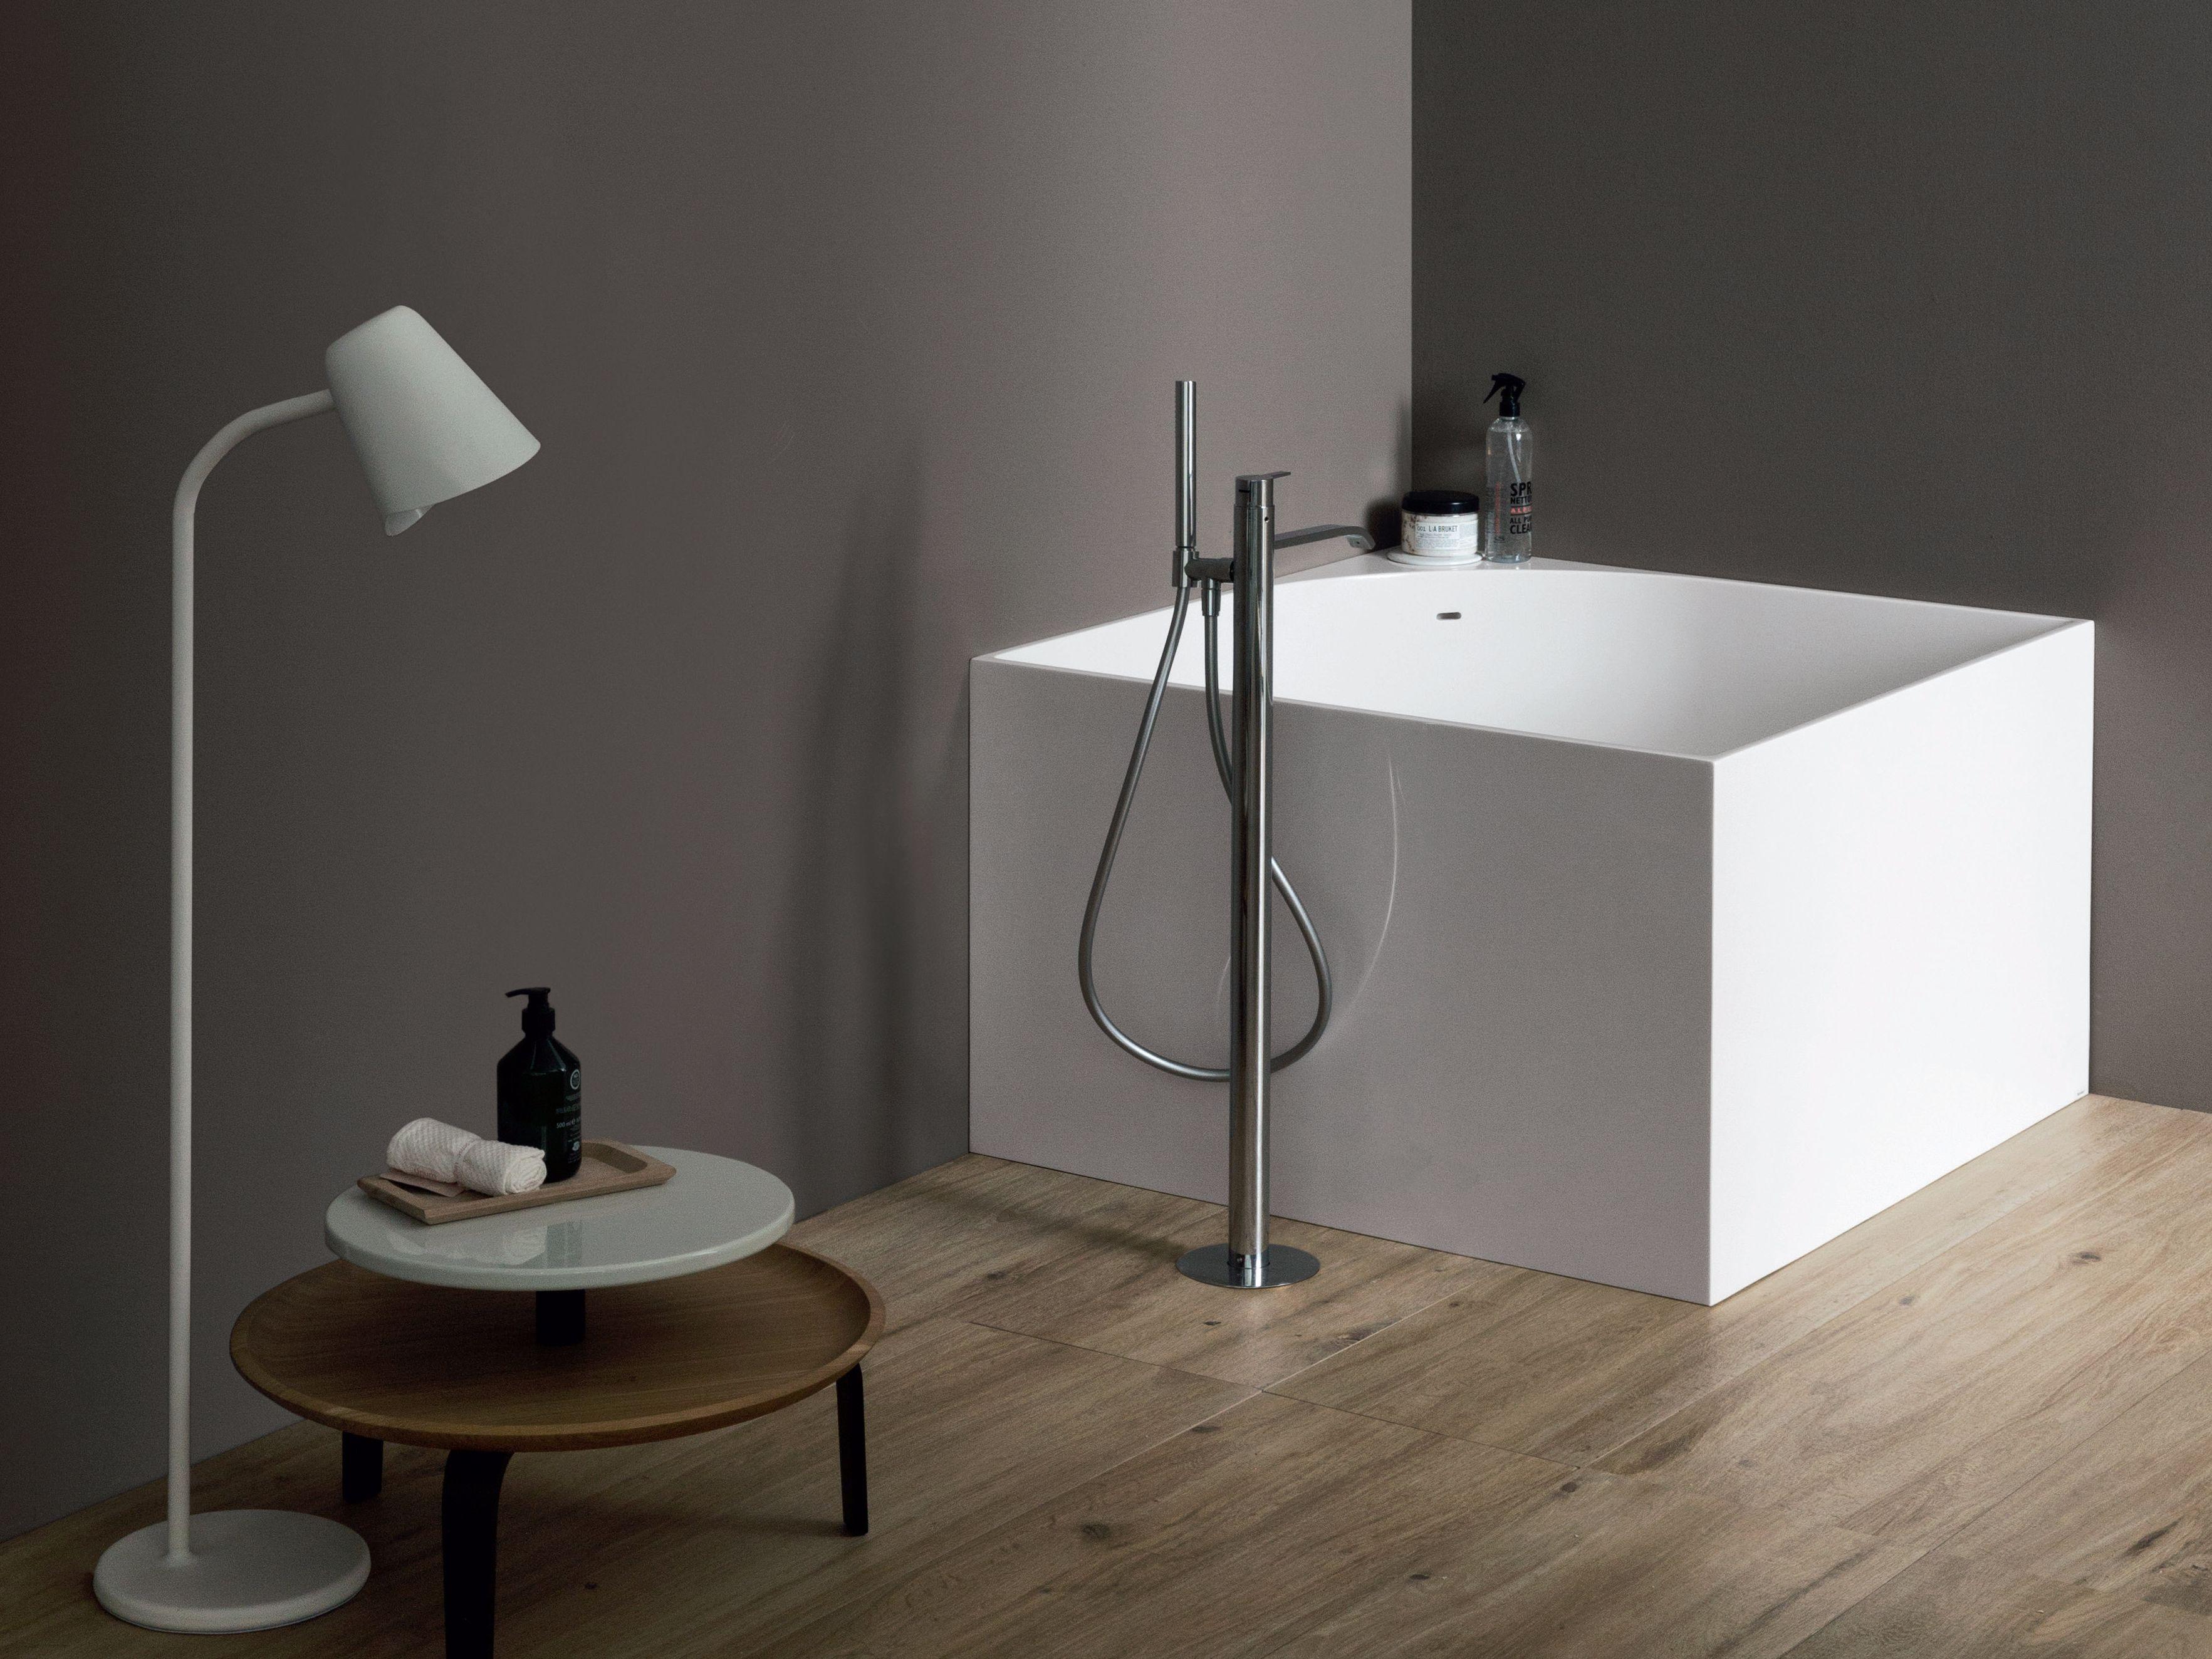 Vasca da bagno quadrata tub collezione vasche da bagno by nic